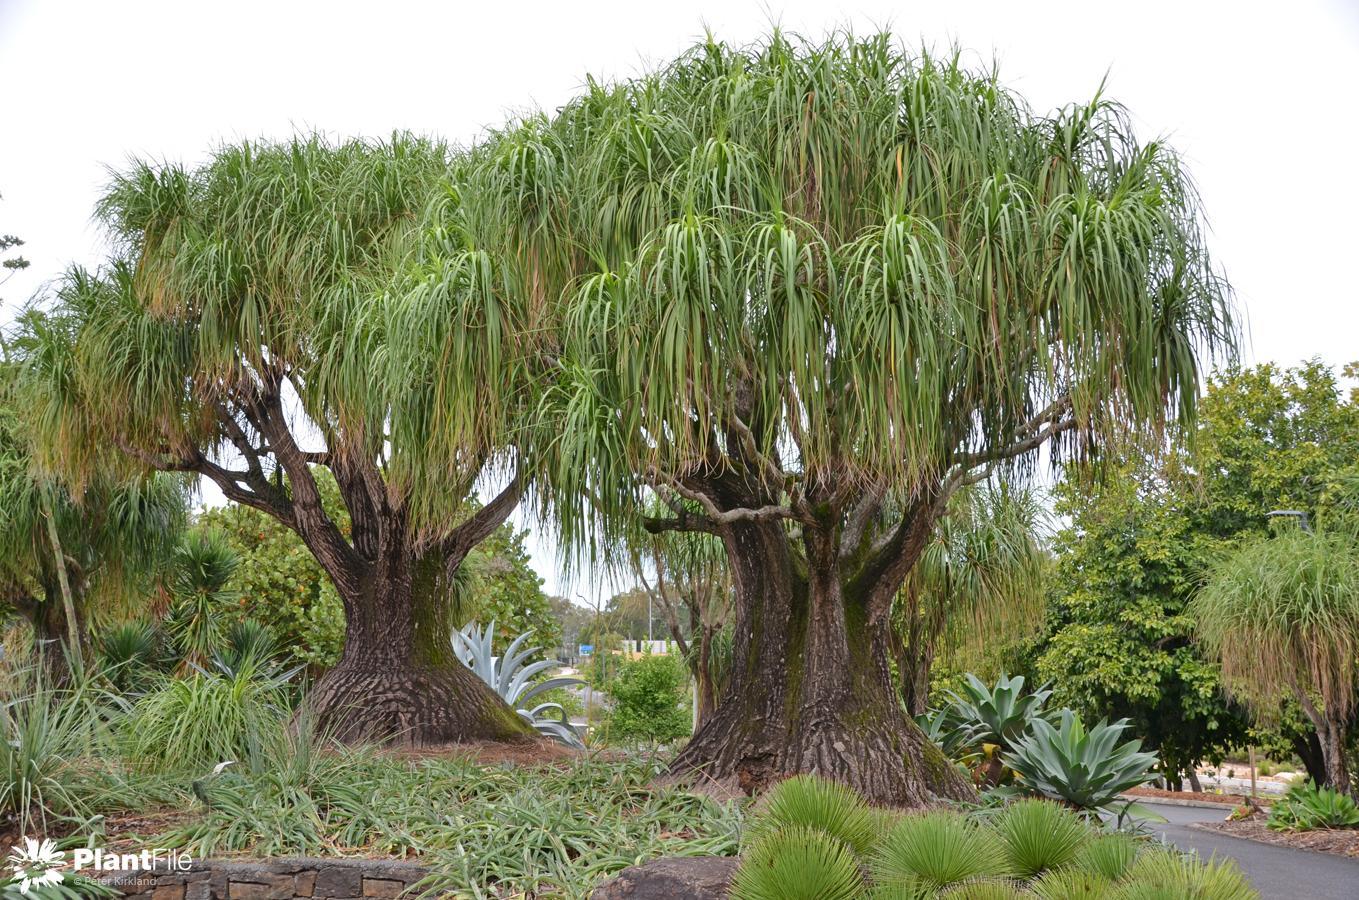 Plantfile for Beaucarnea recurvata